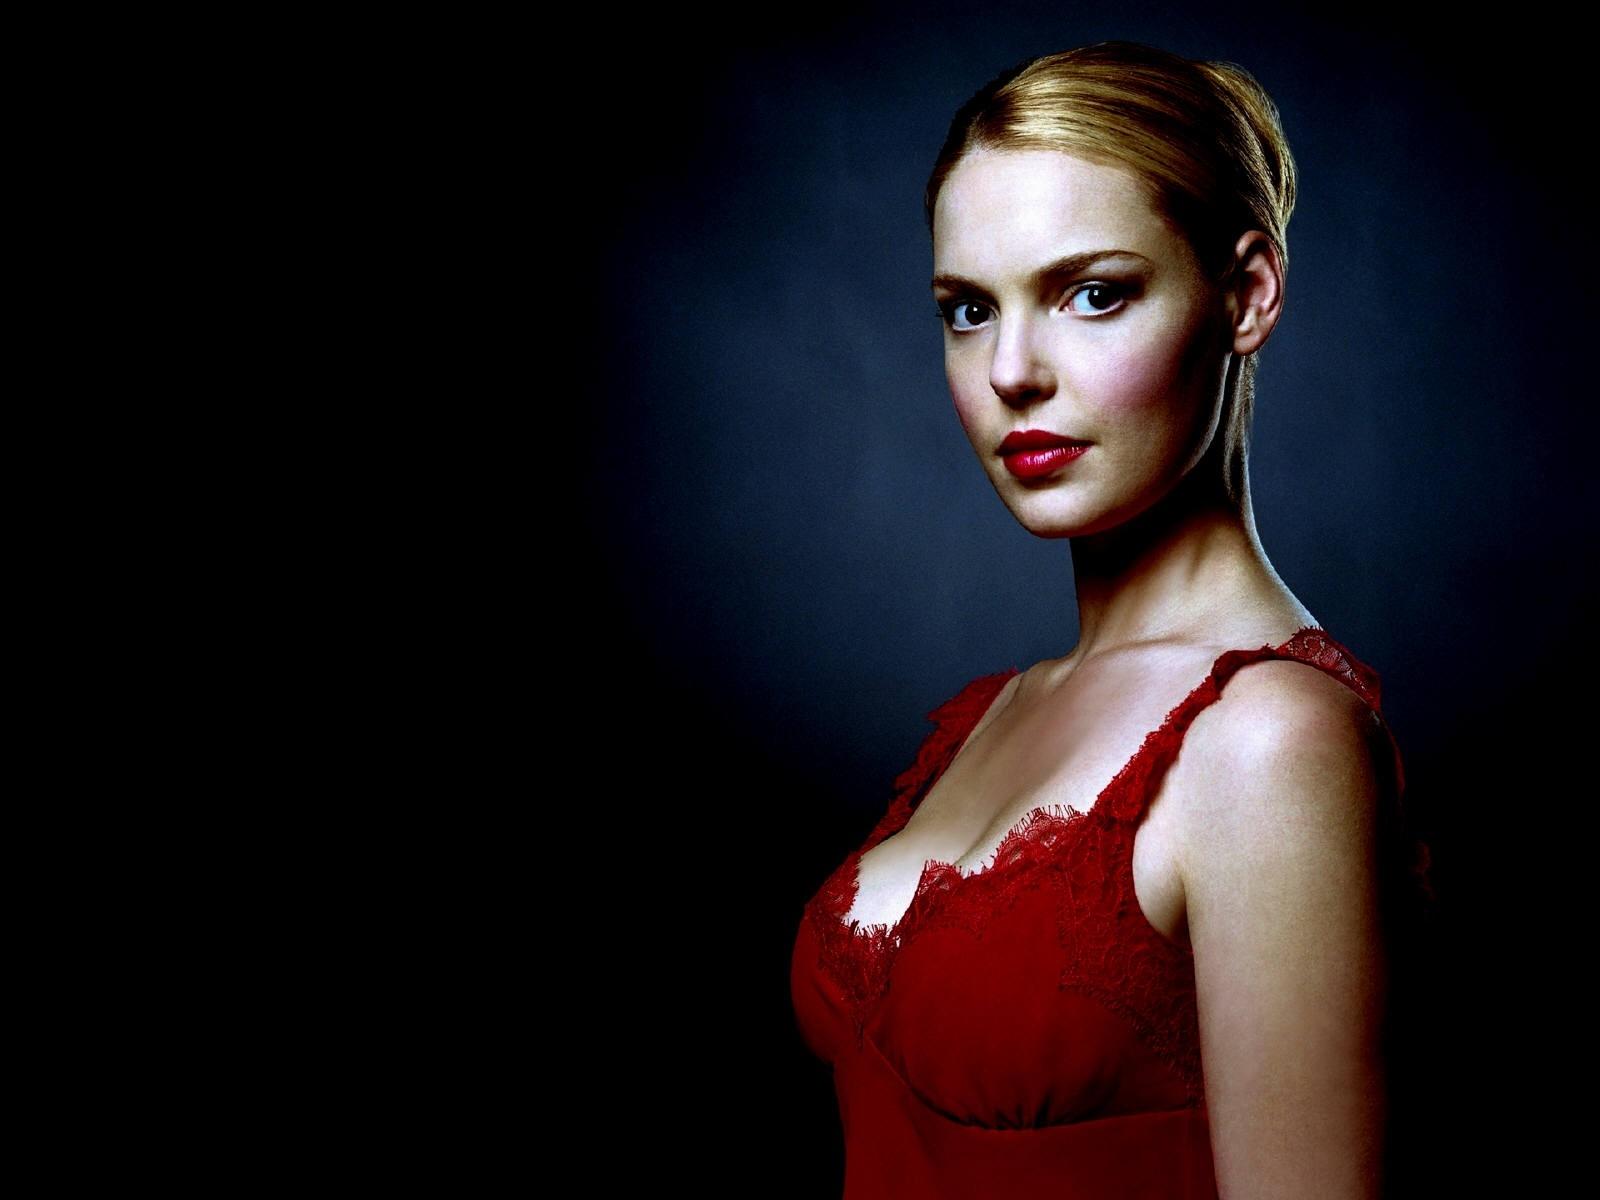 Wallpaper di Katherine Heigl in abito rosso fuoco